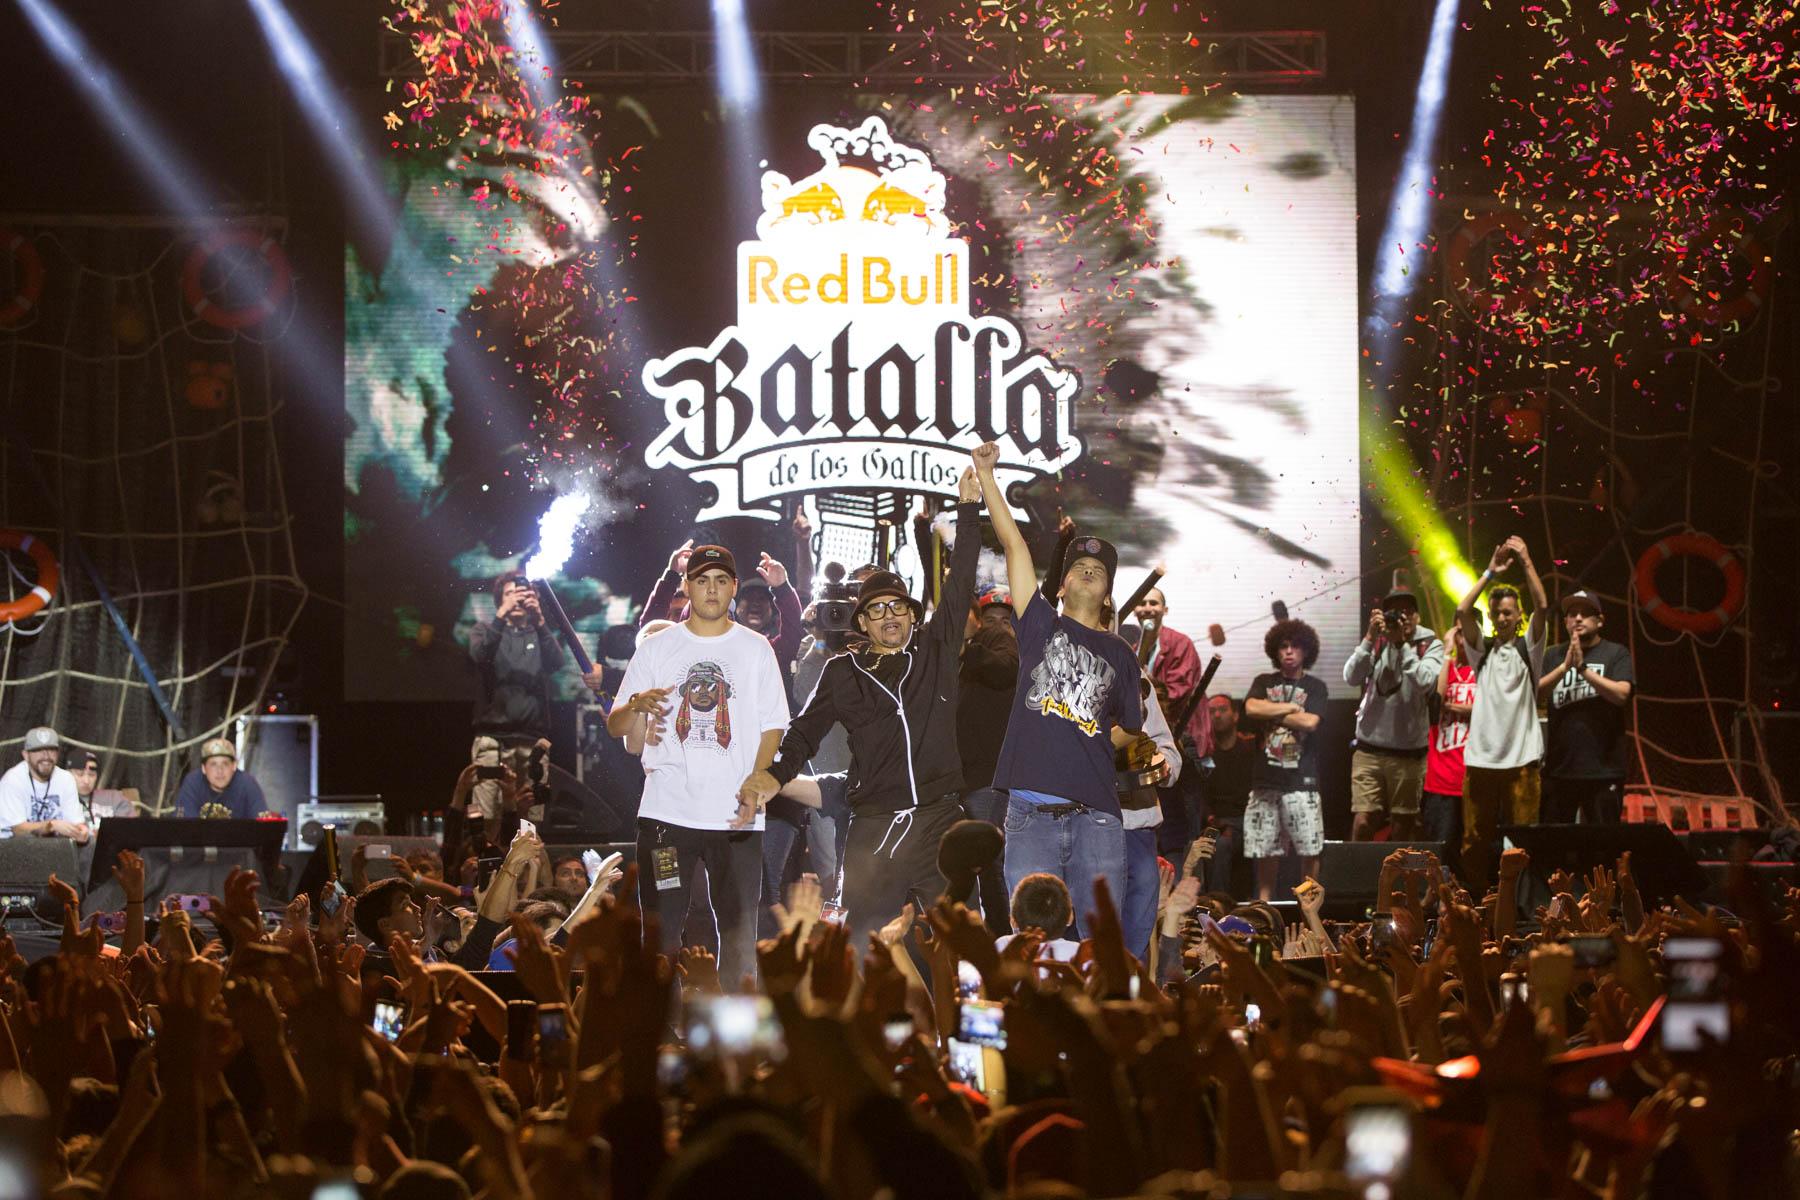 Chile ya tiene representante para Final Internacional de Red Bull Batalla de los Gallos